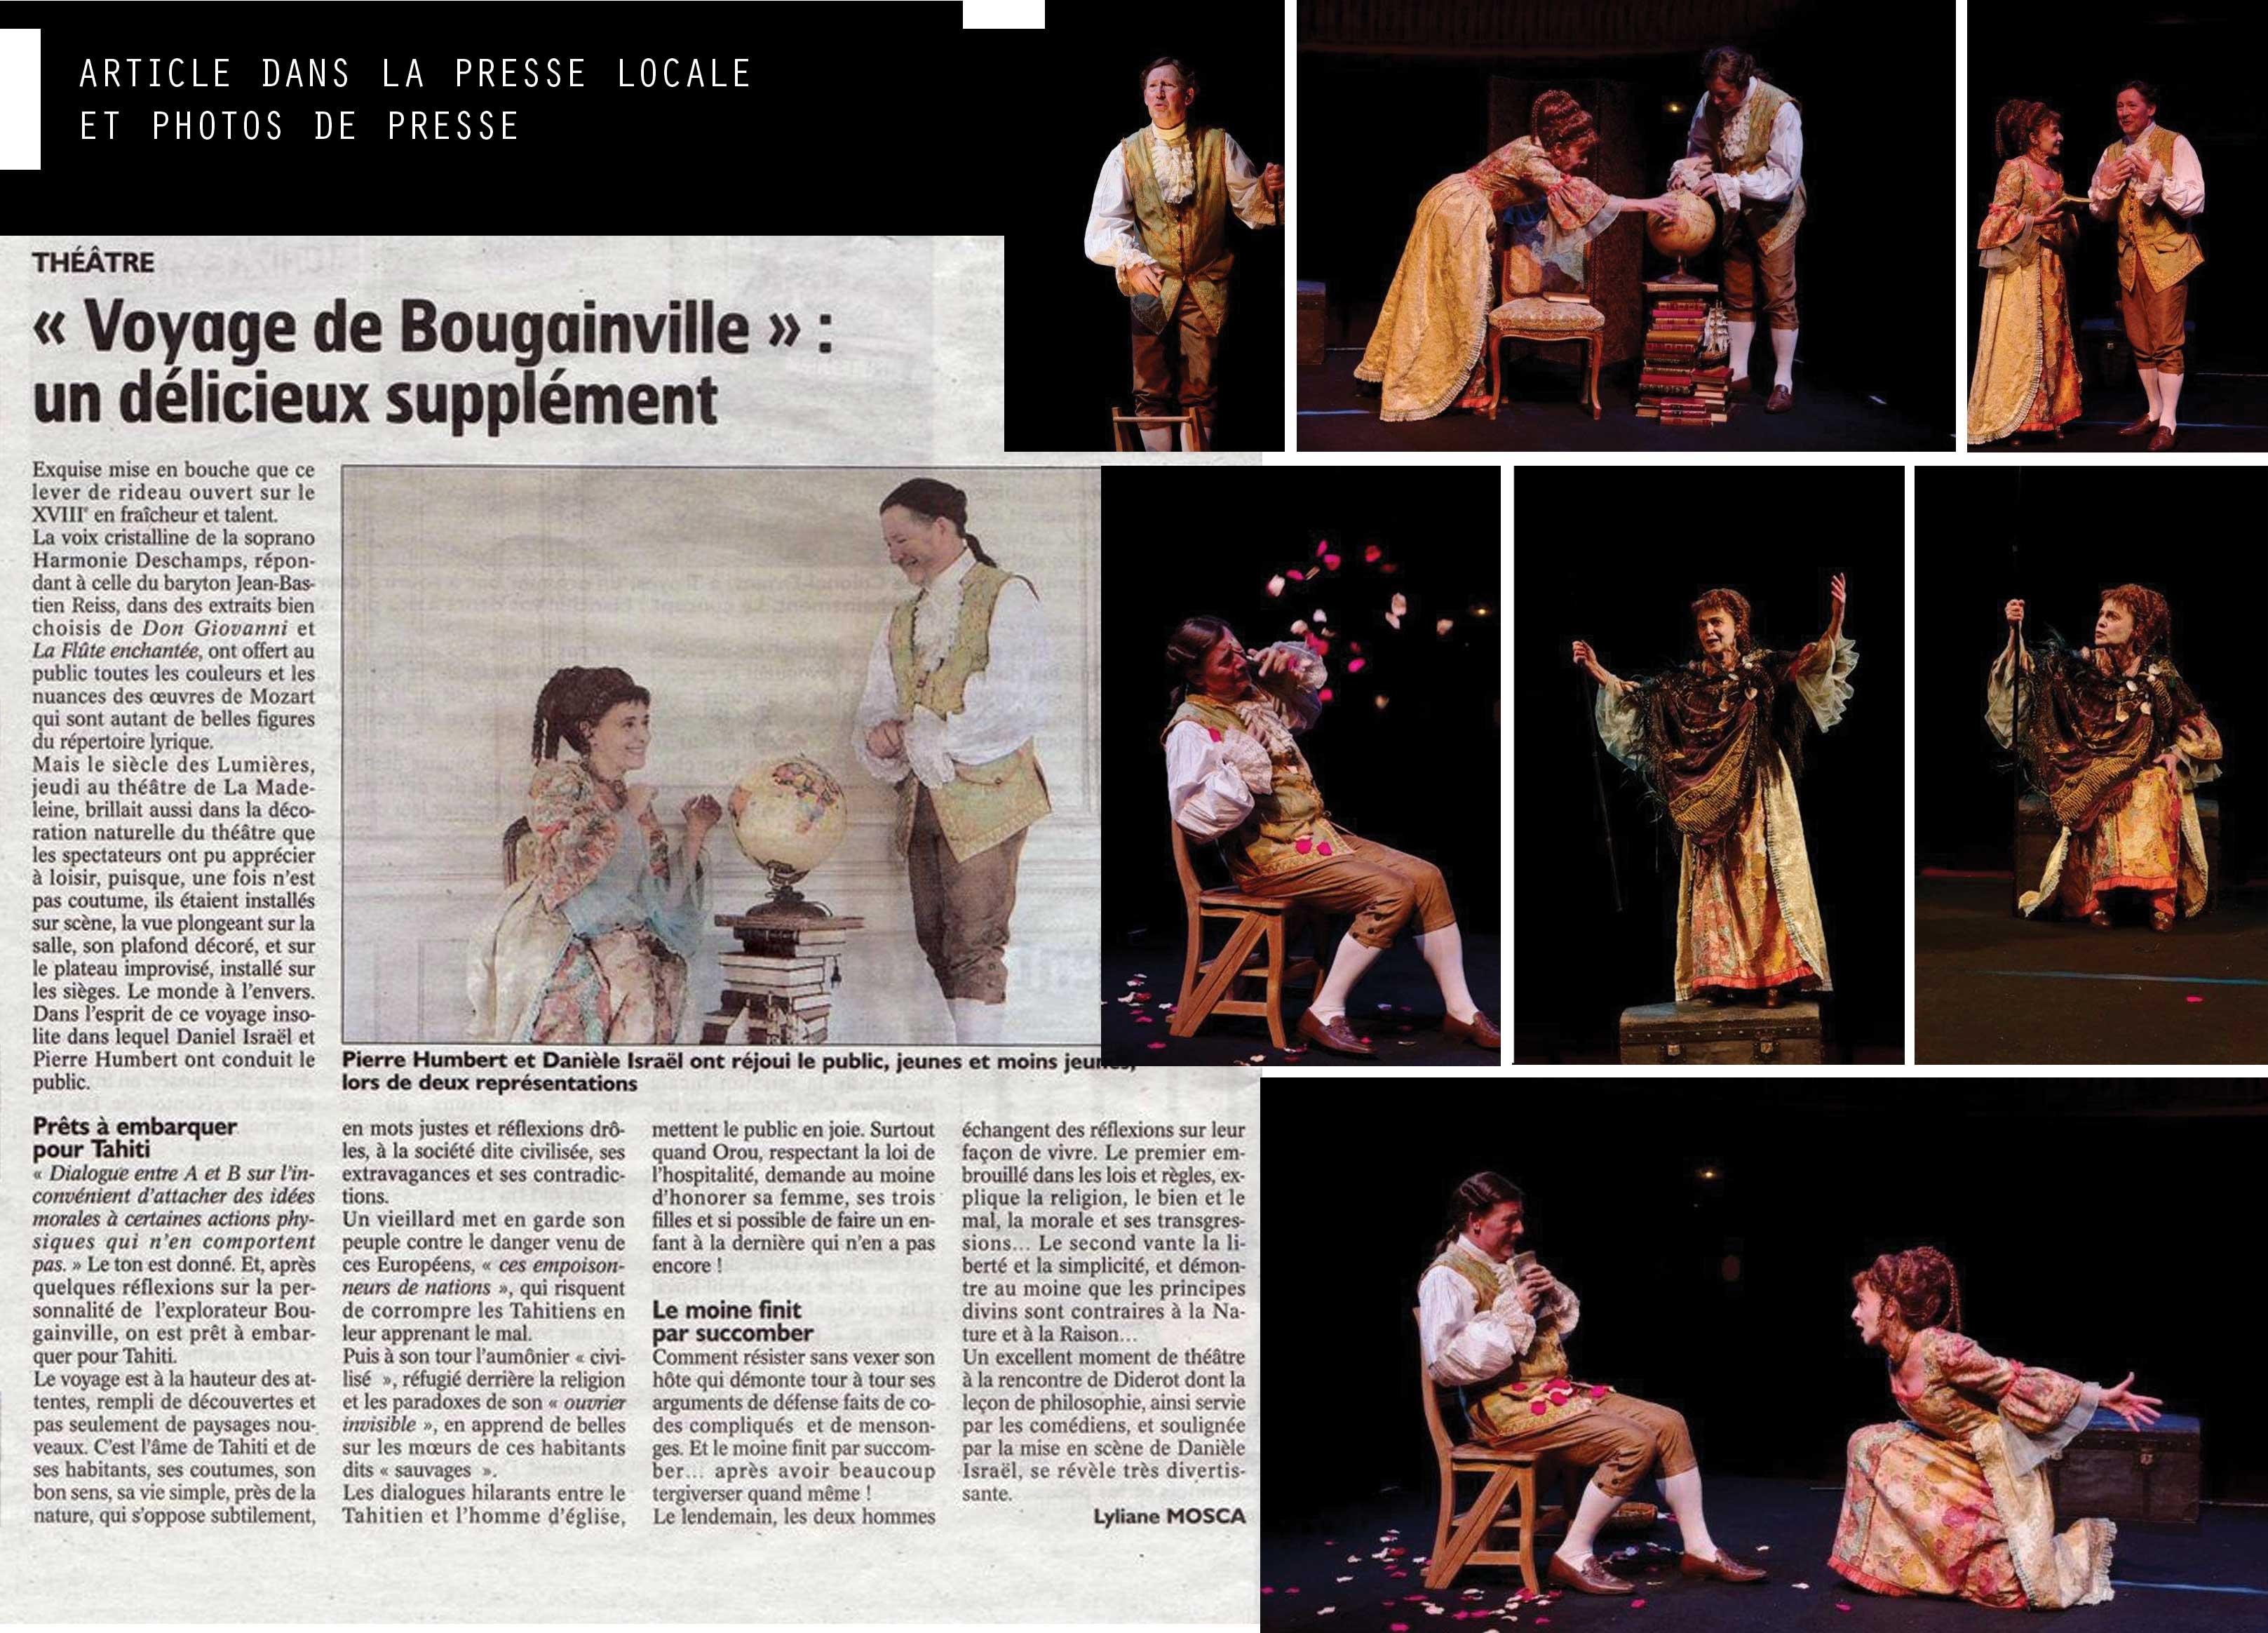 bougainville-presse